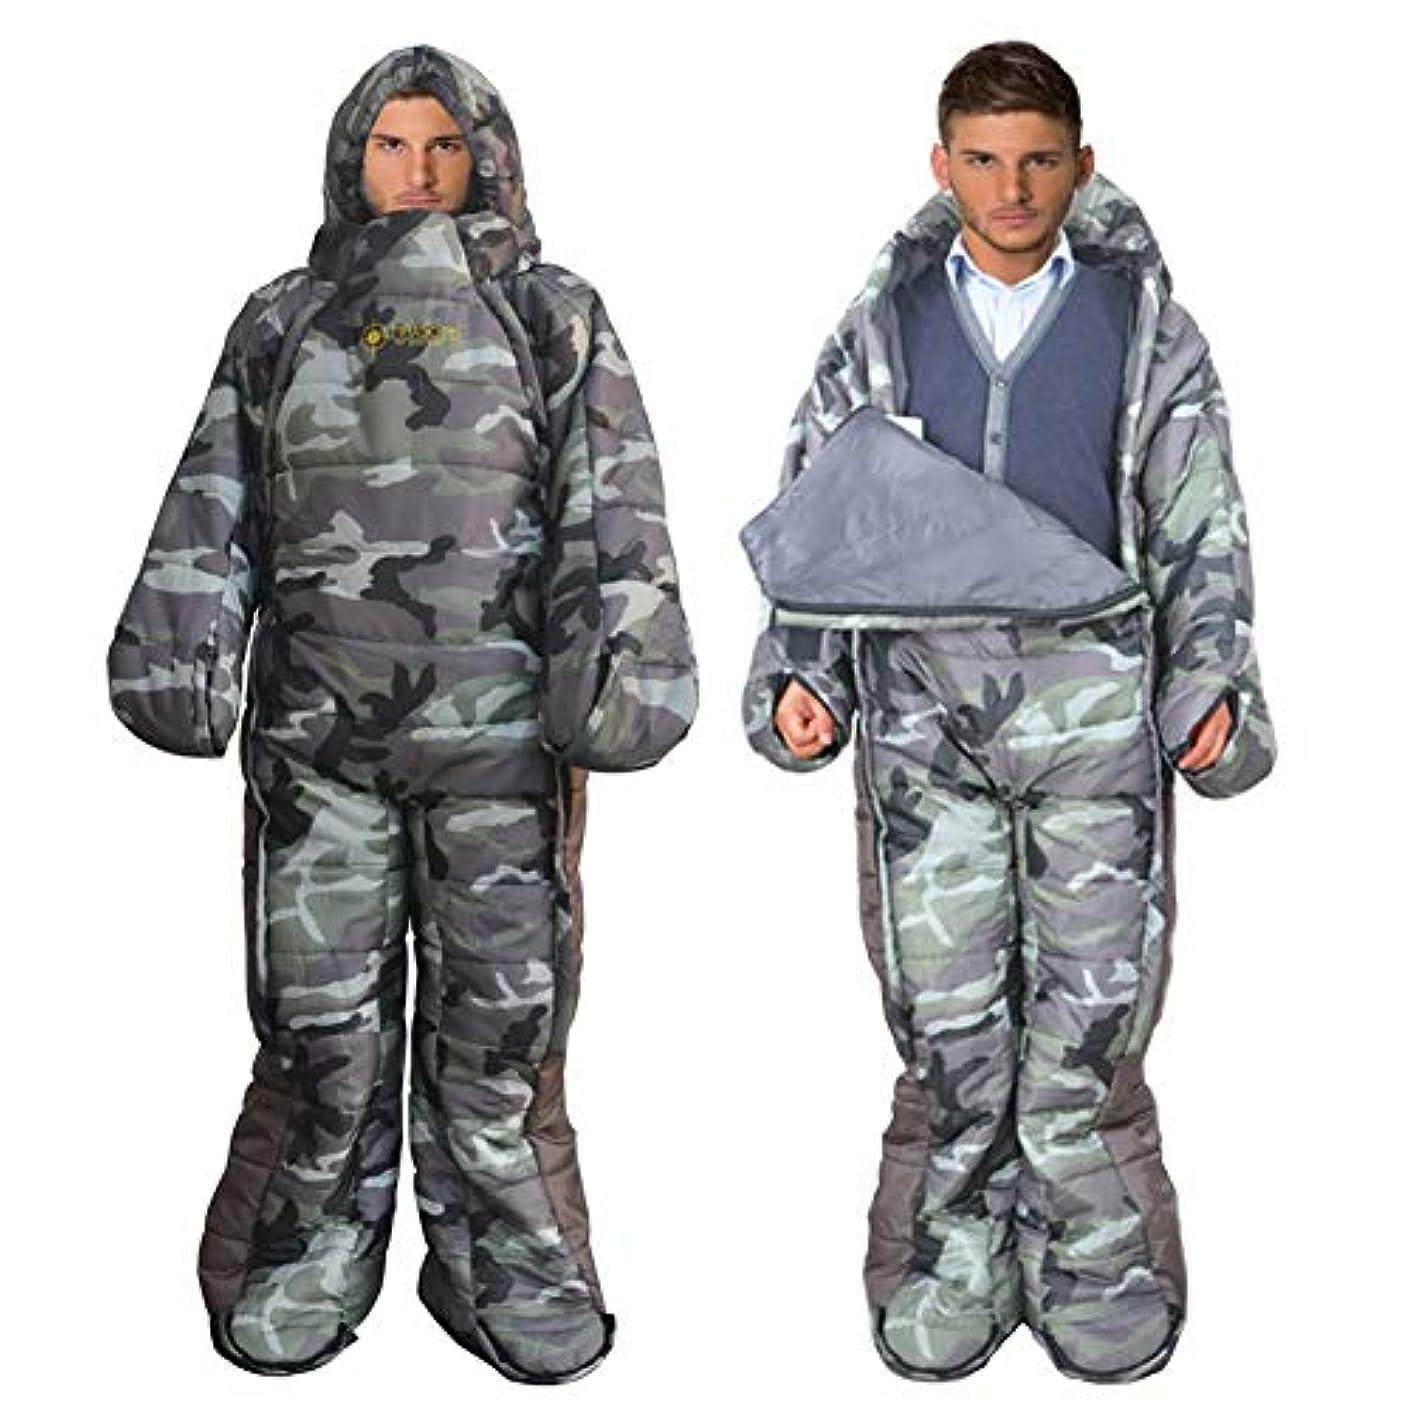 新年サイバースペース石MAXSOINS公式ショップ 着る寝袋 人型 動ける寝袋 シュラフ 冬用 水洗い可 Mサイズ [適応身長150cm~170cm] [最低使用温度-10℃]